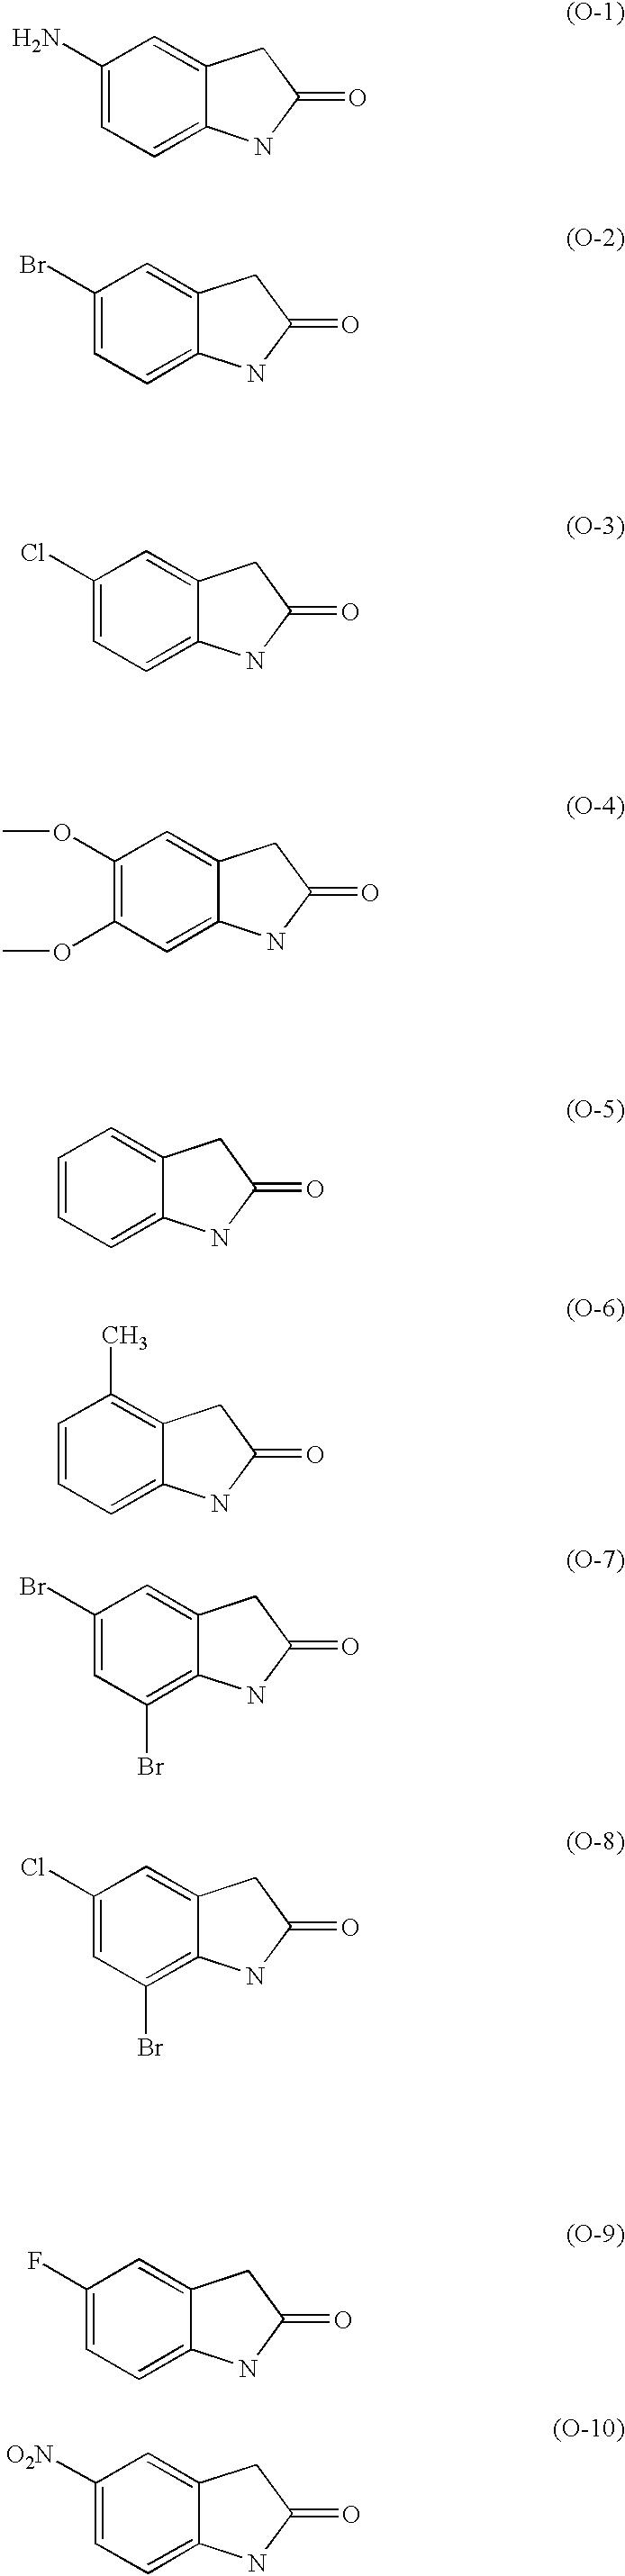 Figure US20030203901A1-20031030-C00005